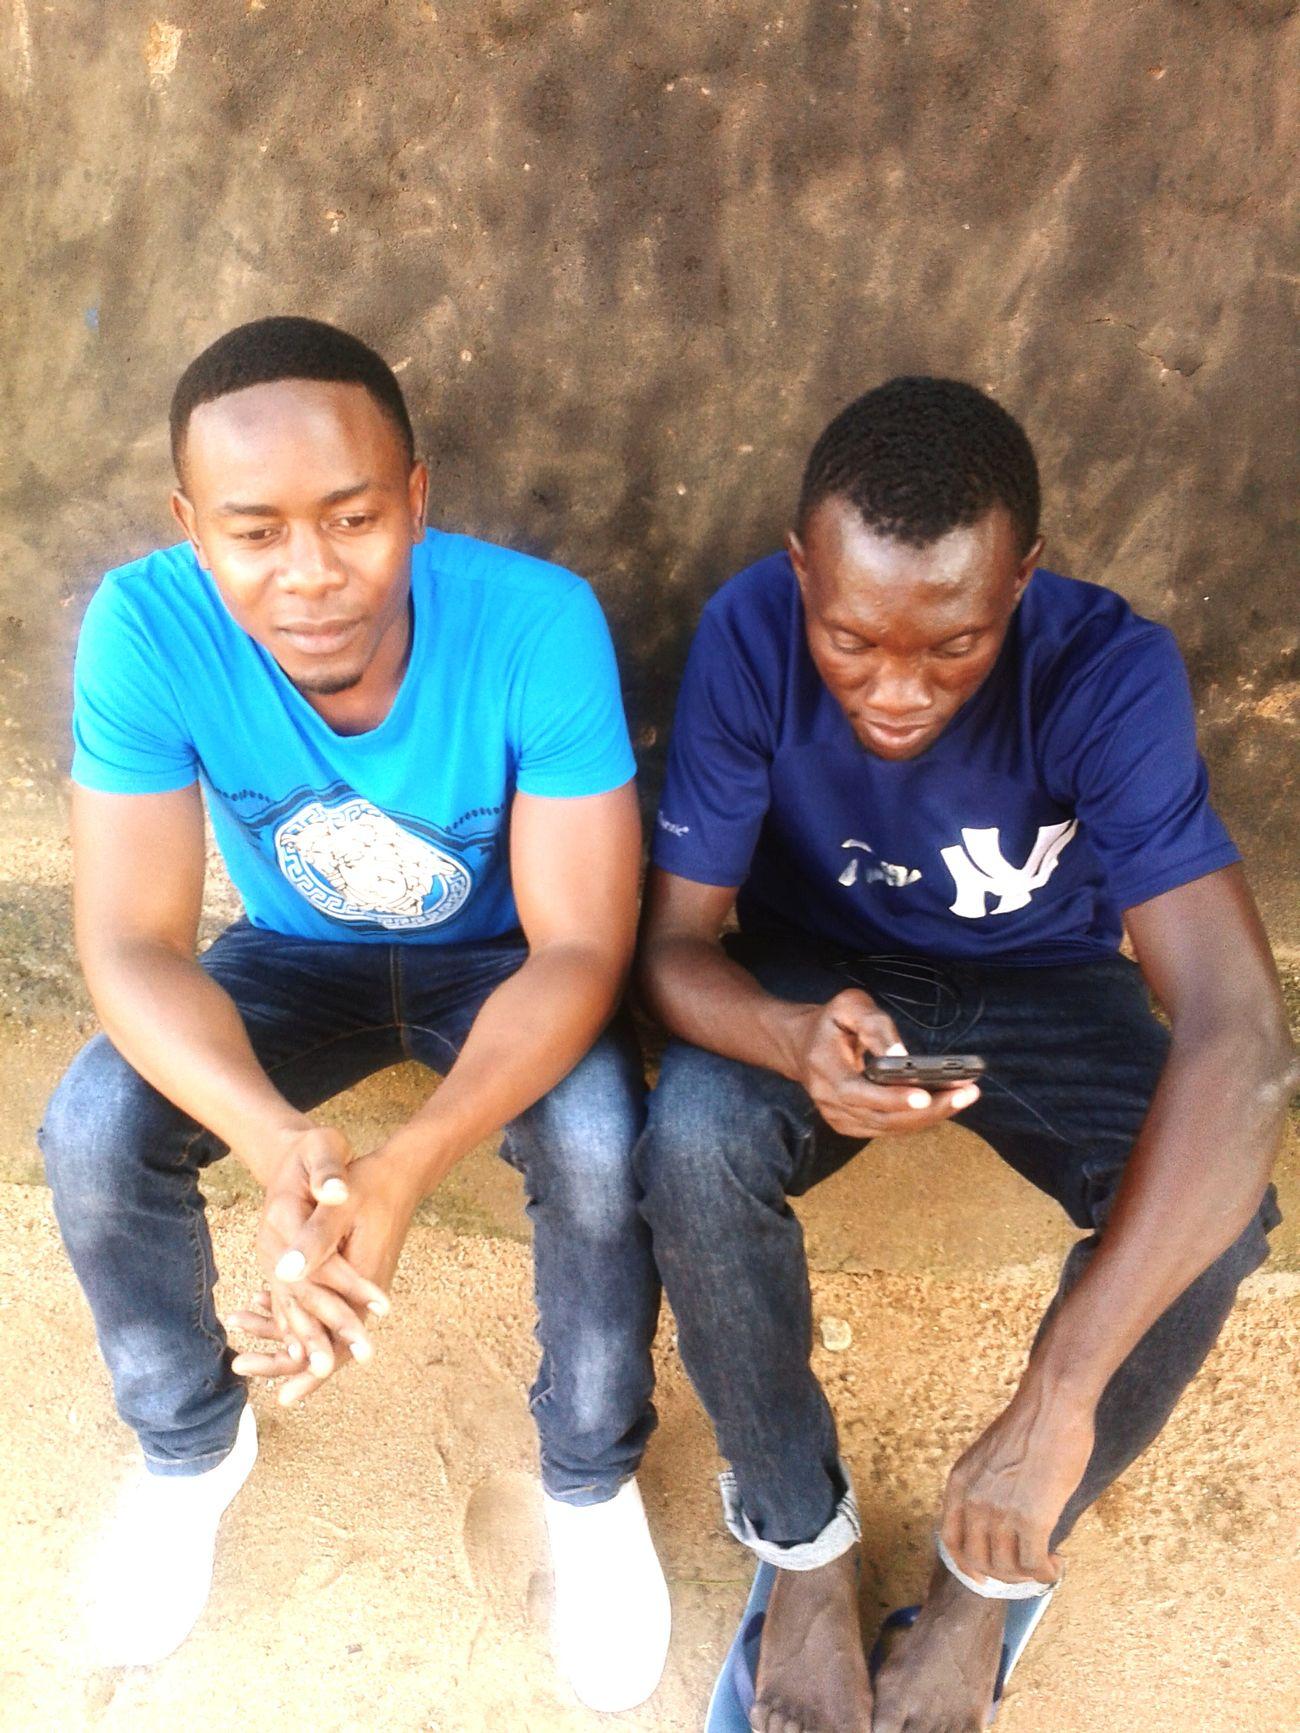 Mtu mbiri@wakuzikana